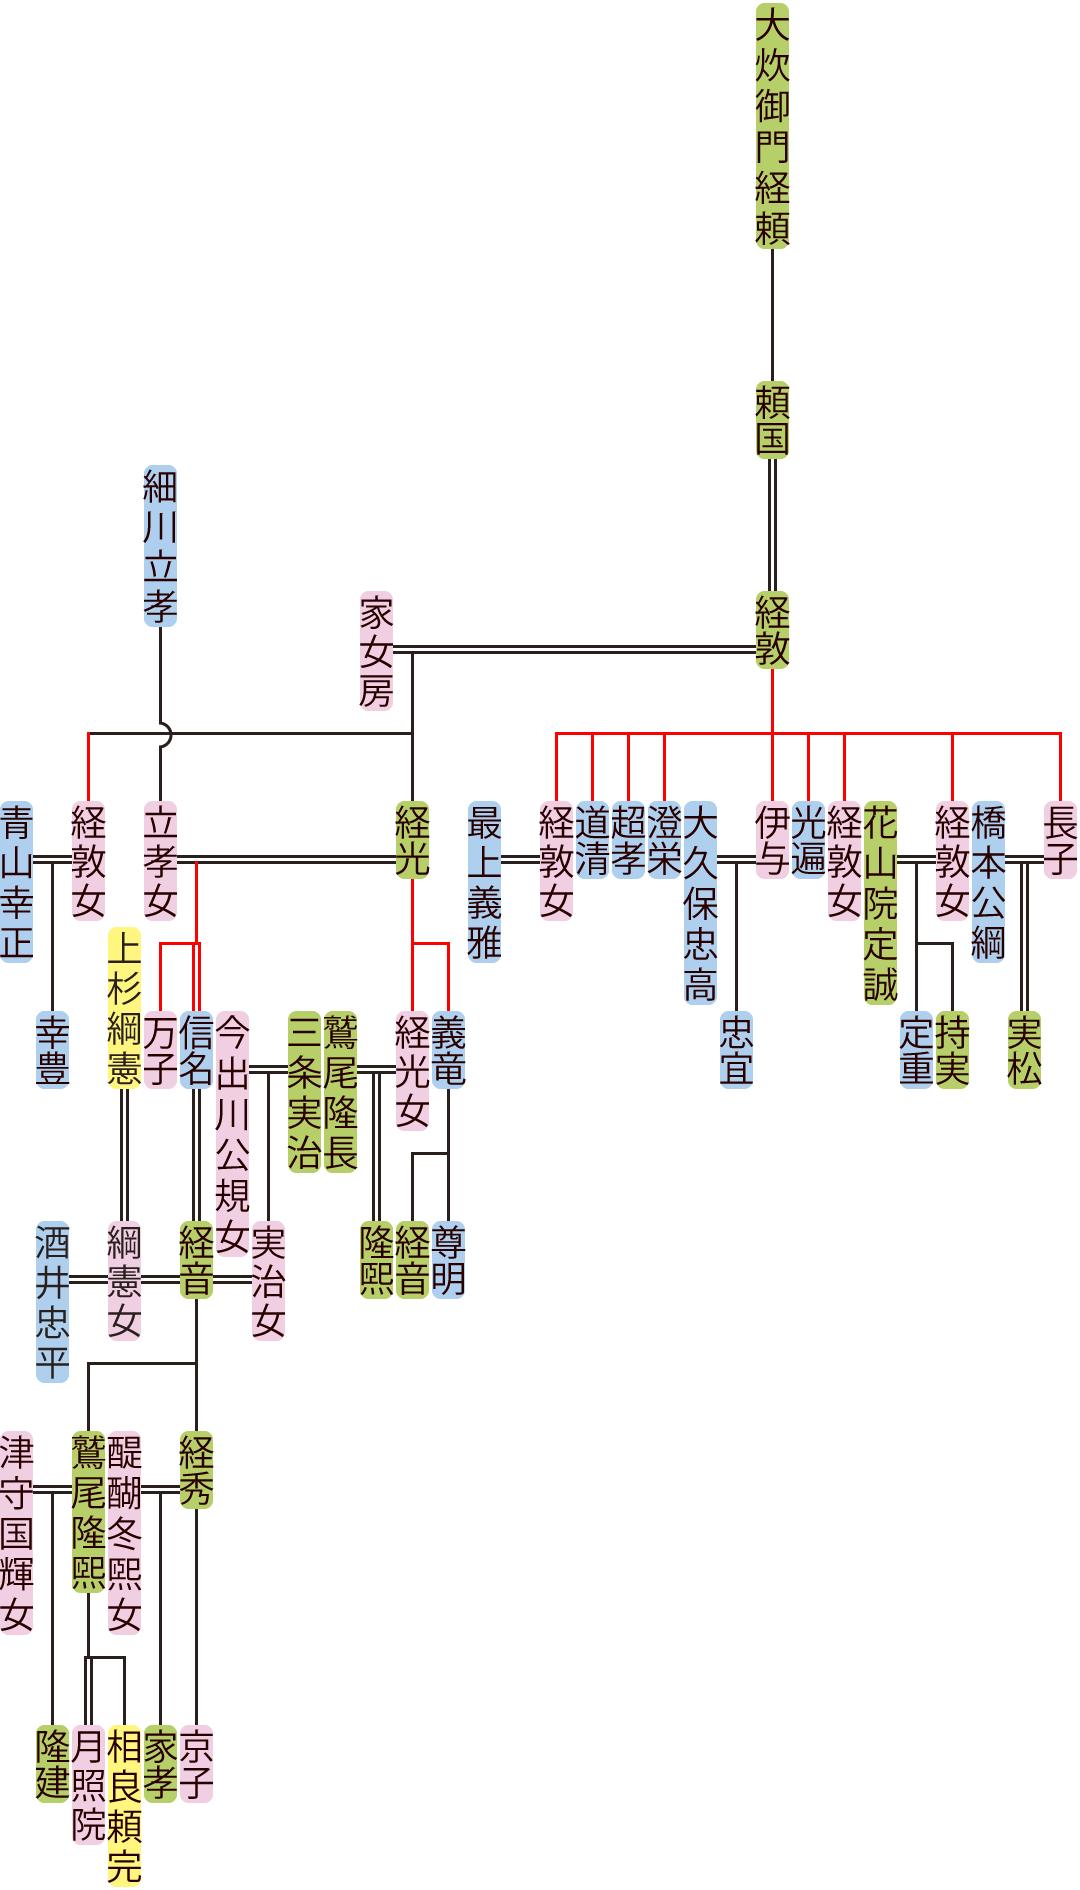 大炊御門経敦~経音の系図